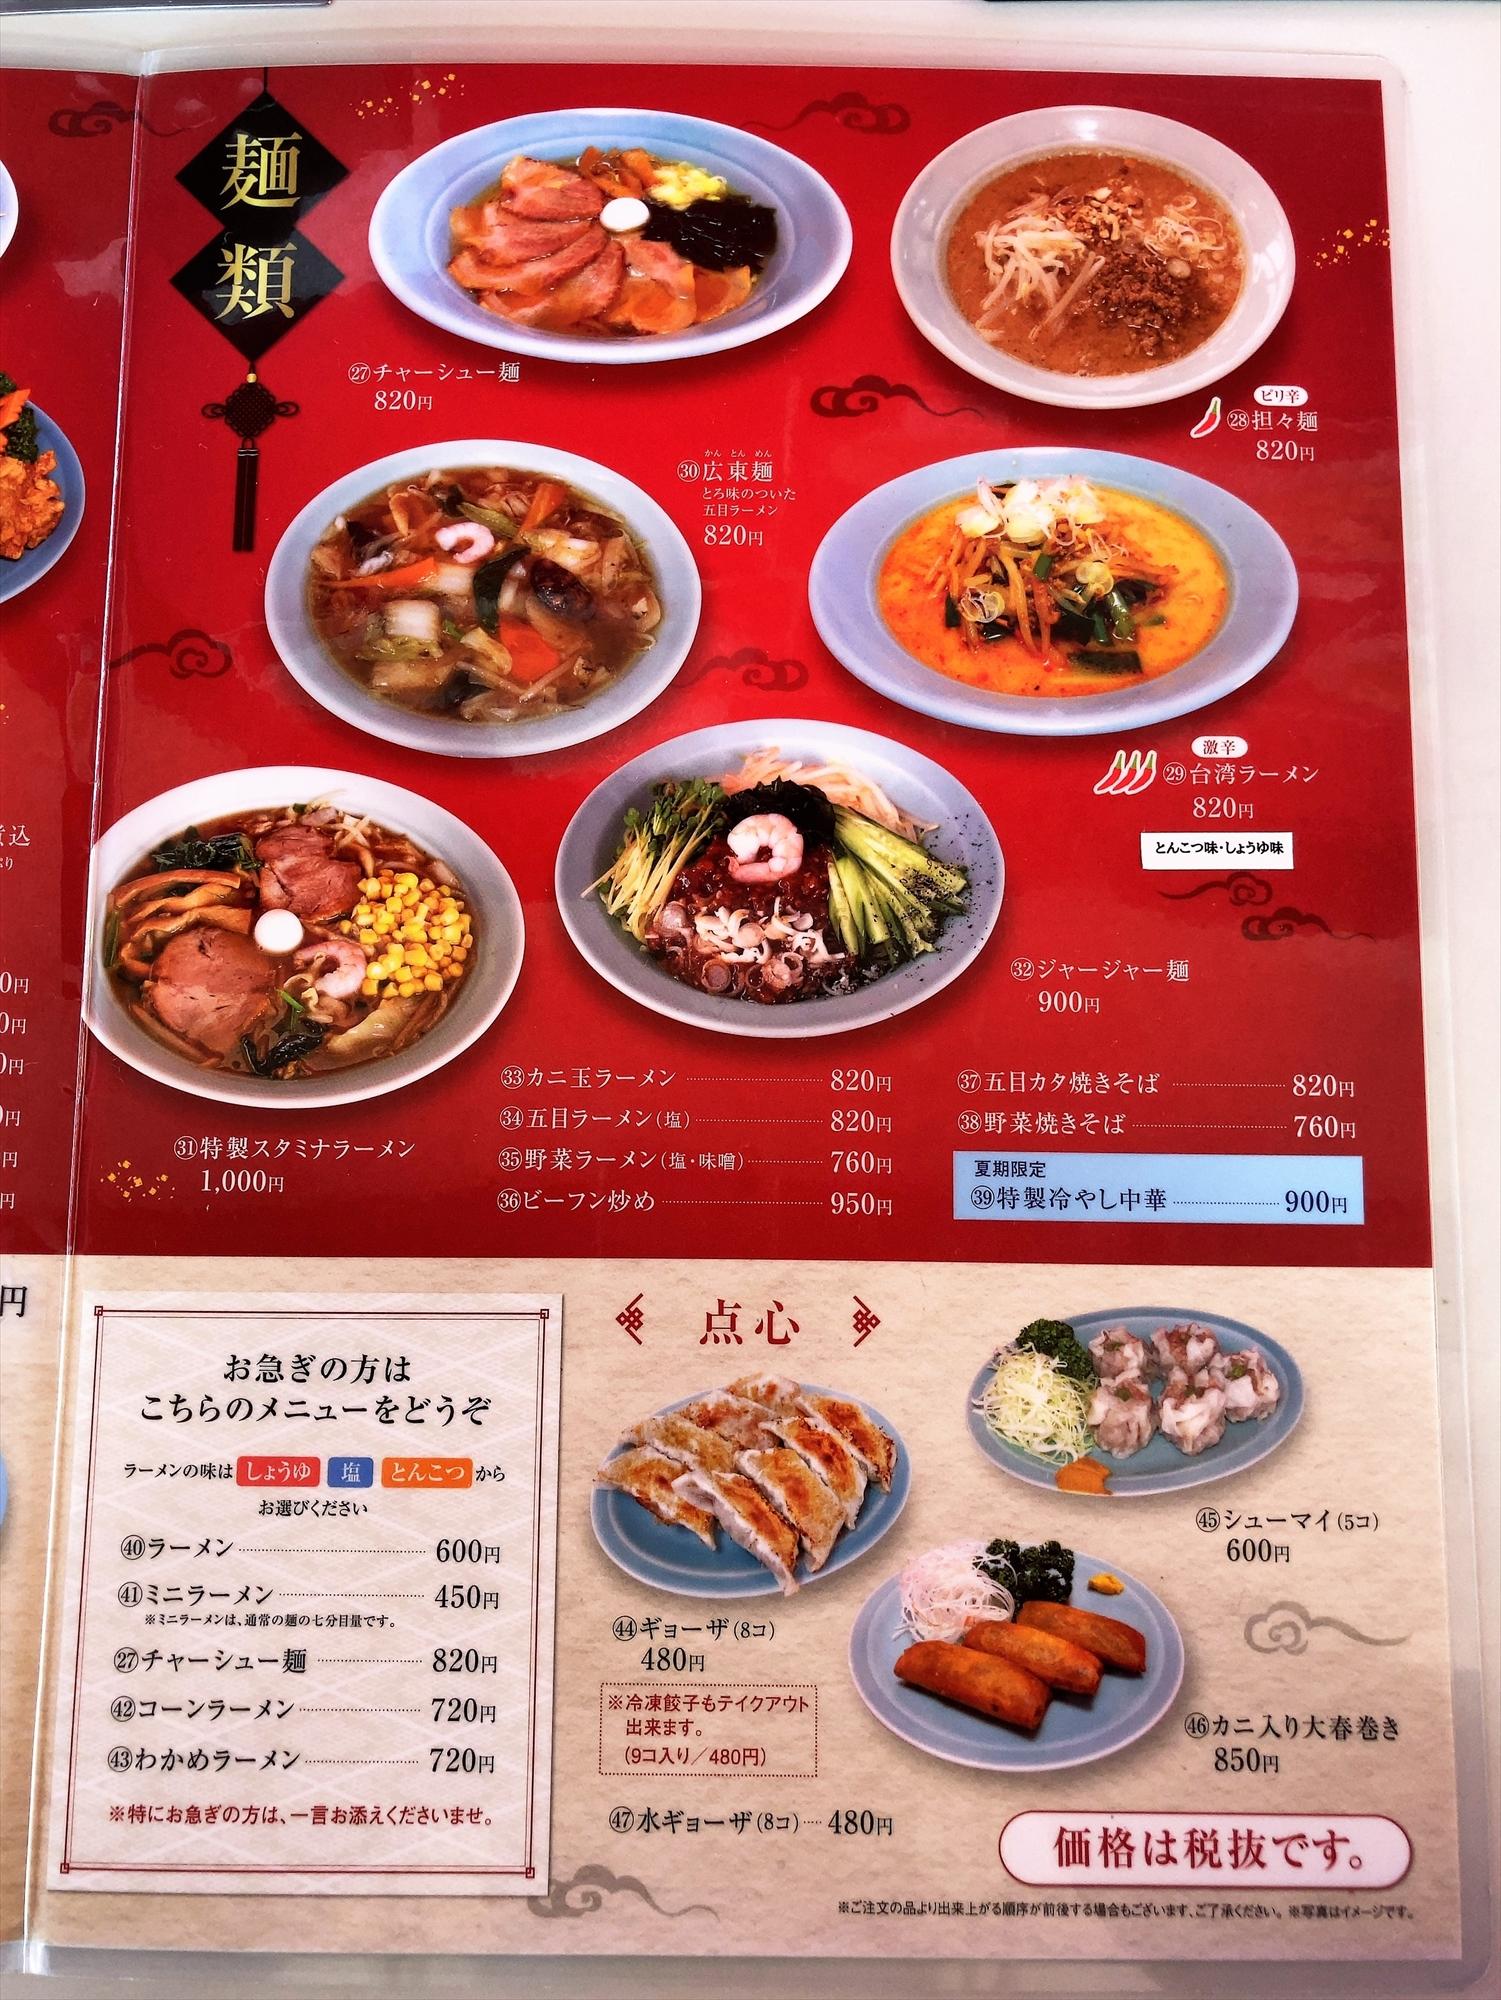 中国料理 末広飯店のメニュー